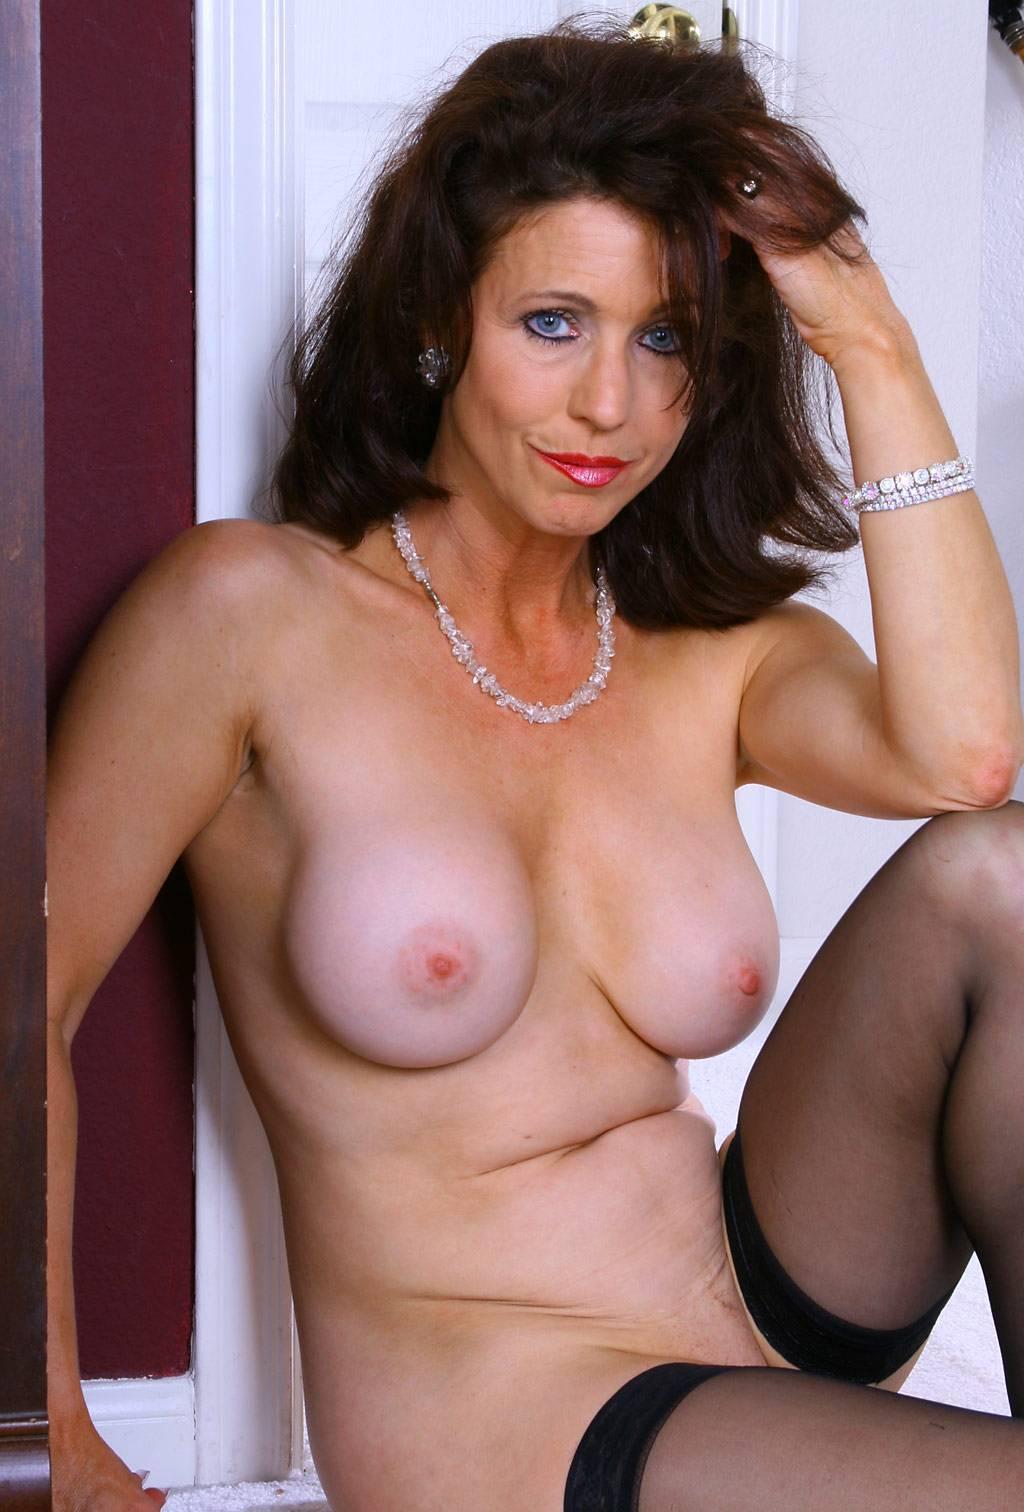 hottie mature moms pics